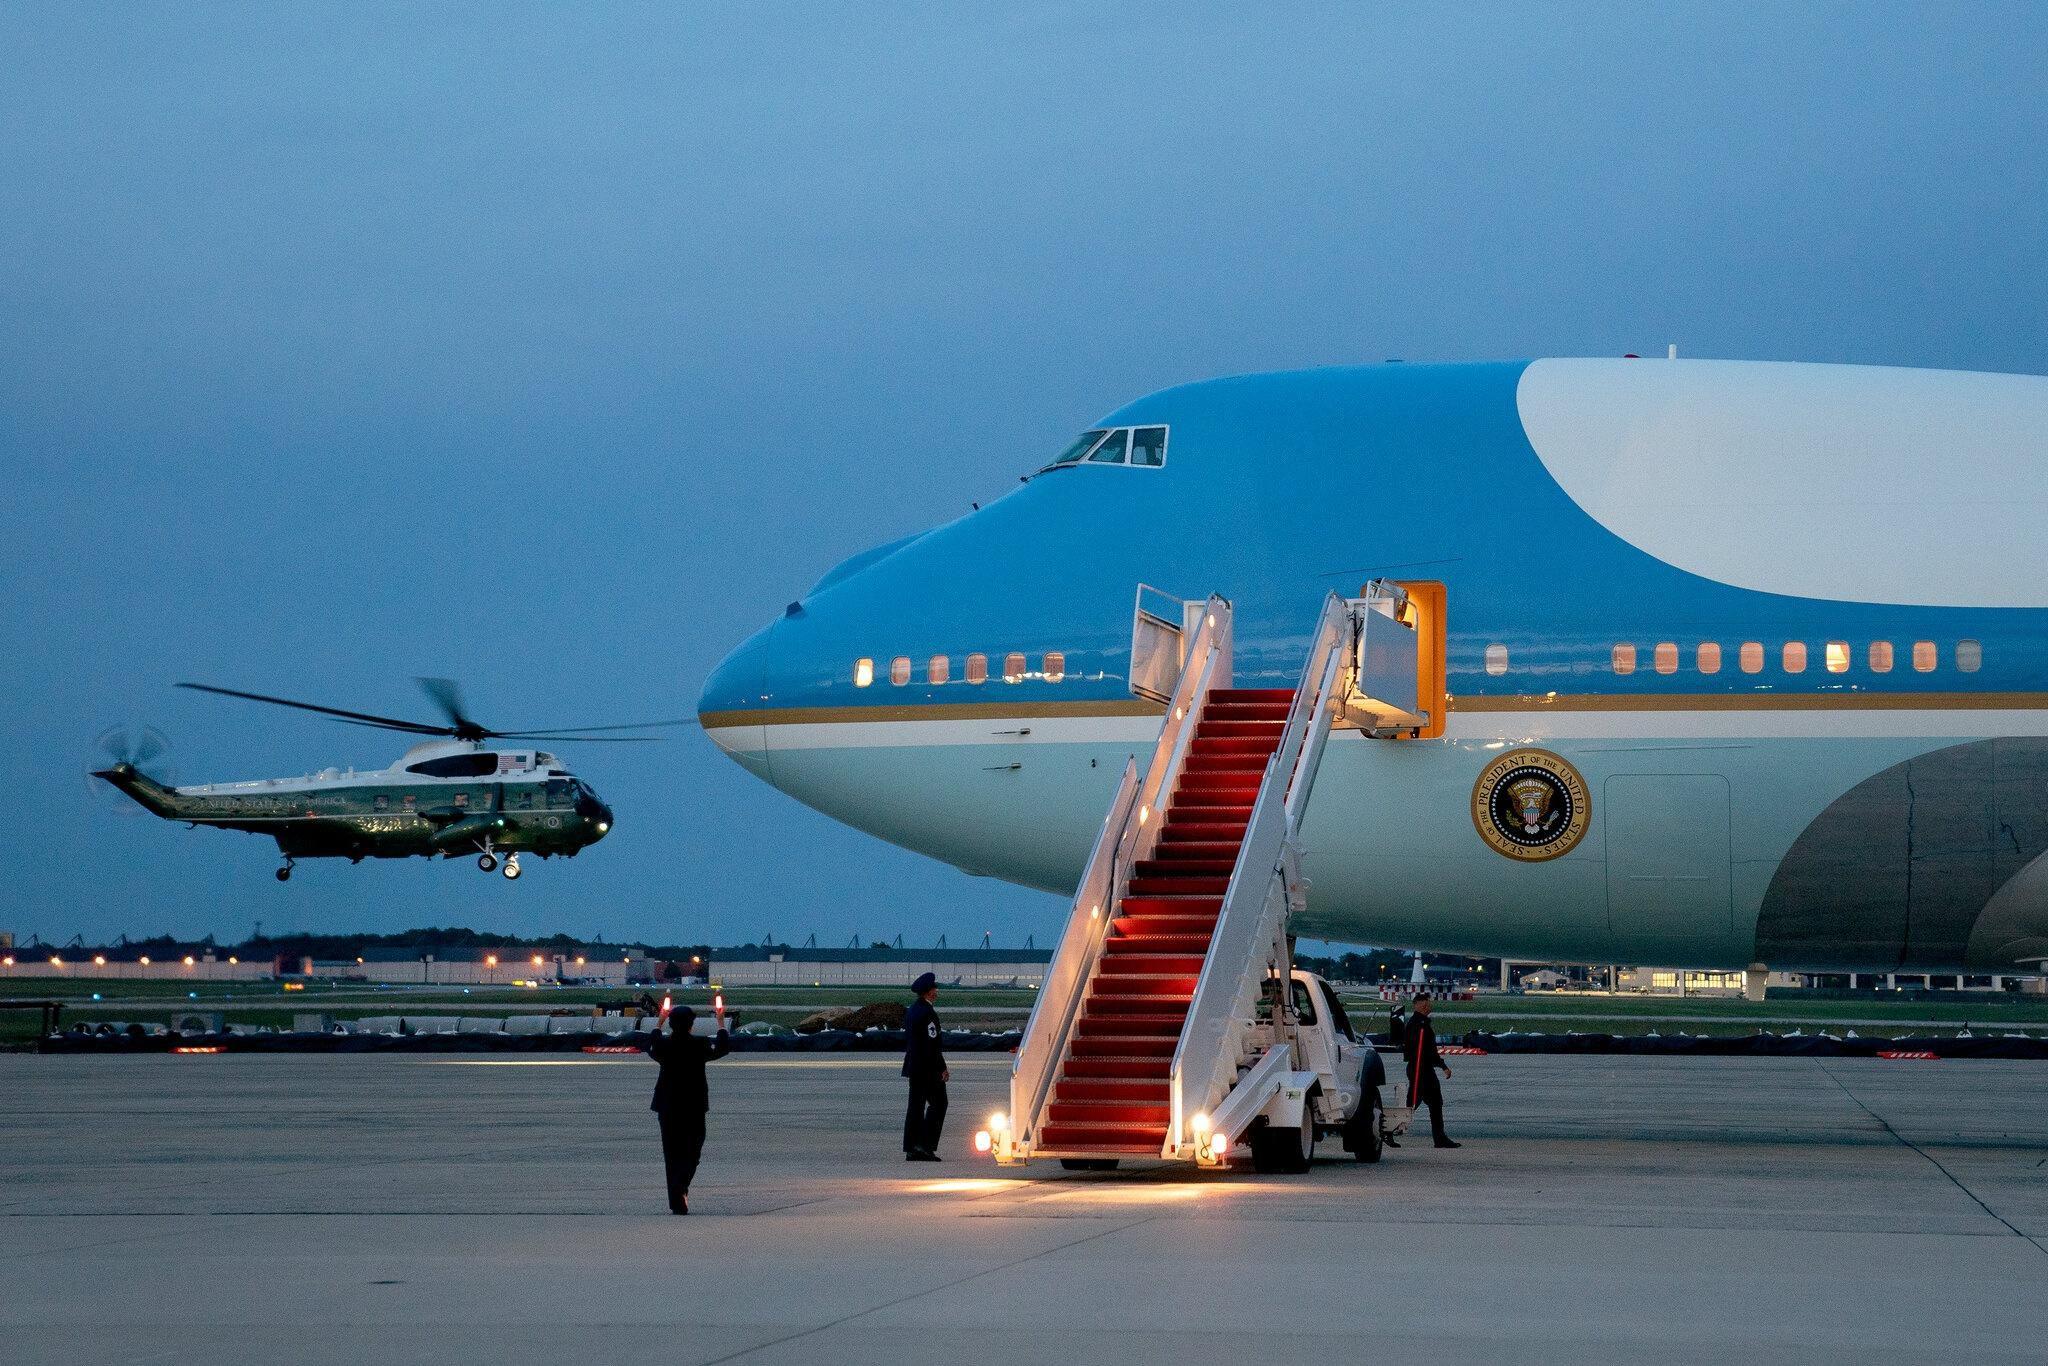 Máy bay chở đội báo chí Nhà Trắng không thể cất cánh vì ve sầu Ảnh 1